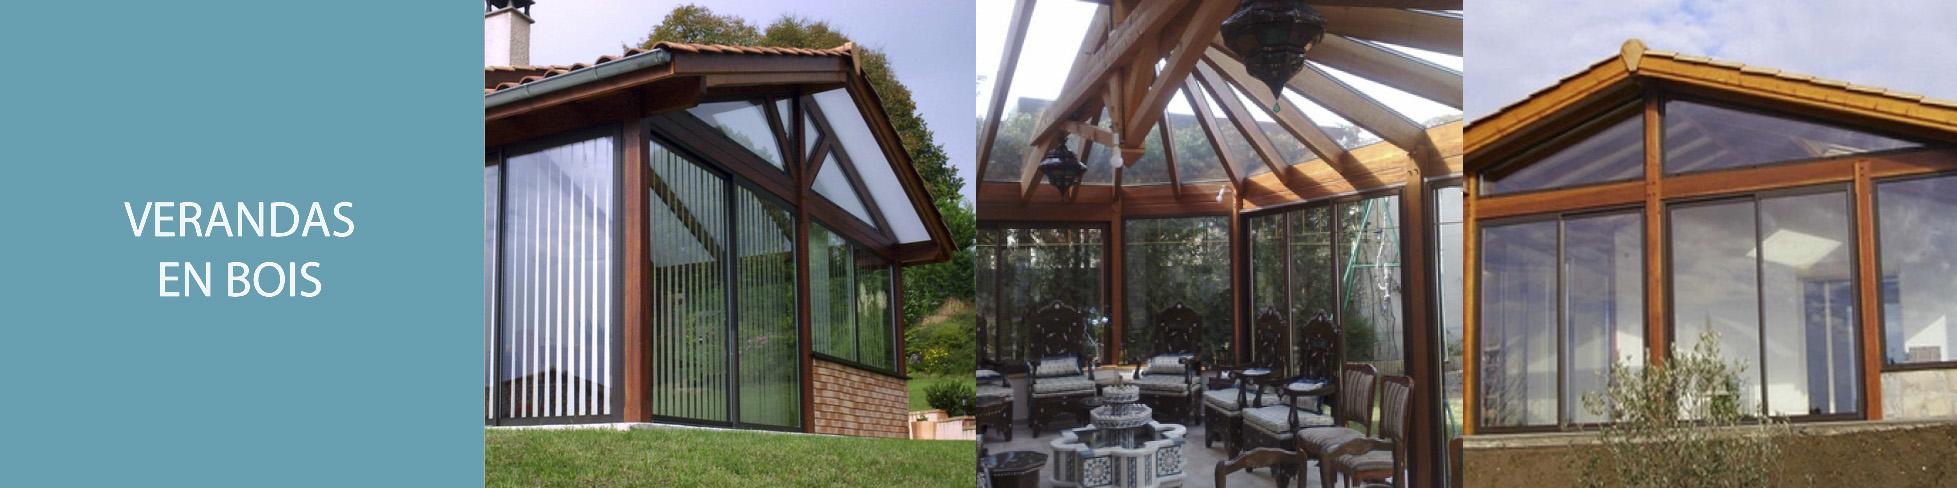 aluver verandas moderne traditionnelle design bois alu pvc. Black Bedroom Furniture Sets. Home Design Ideas